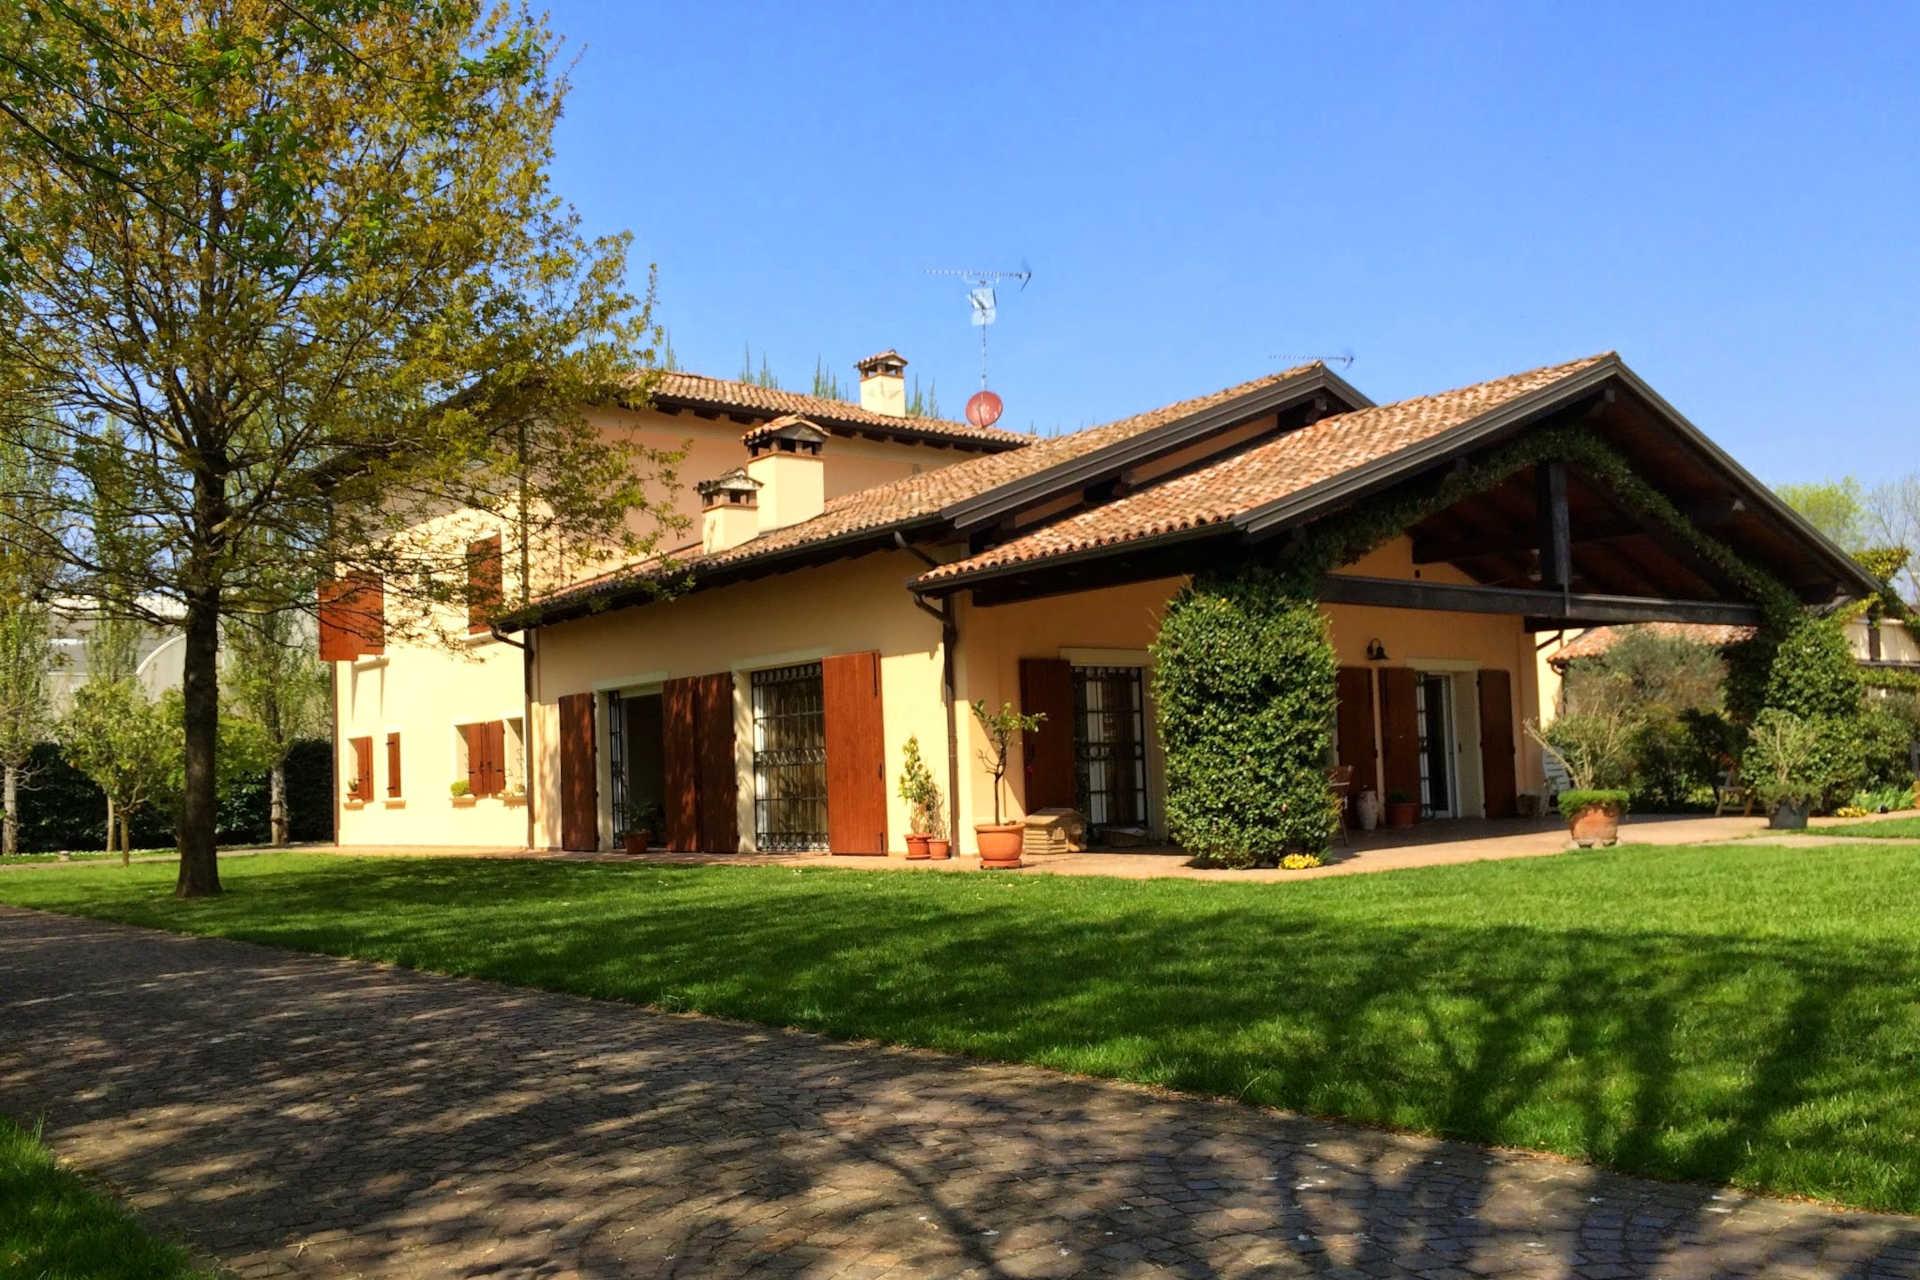 Ville nella campagna bolognese